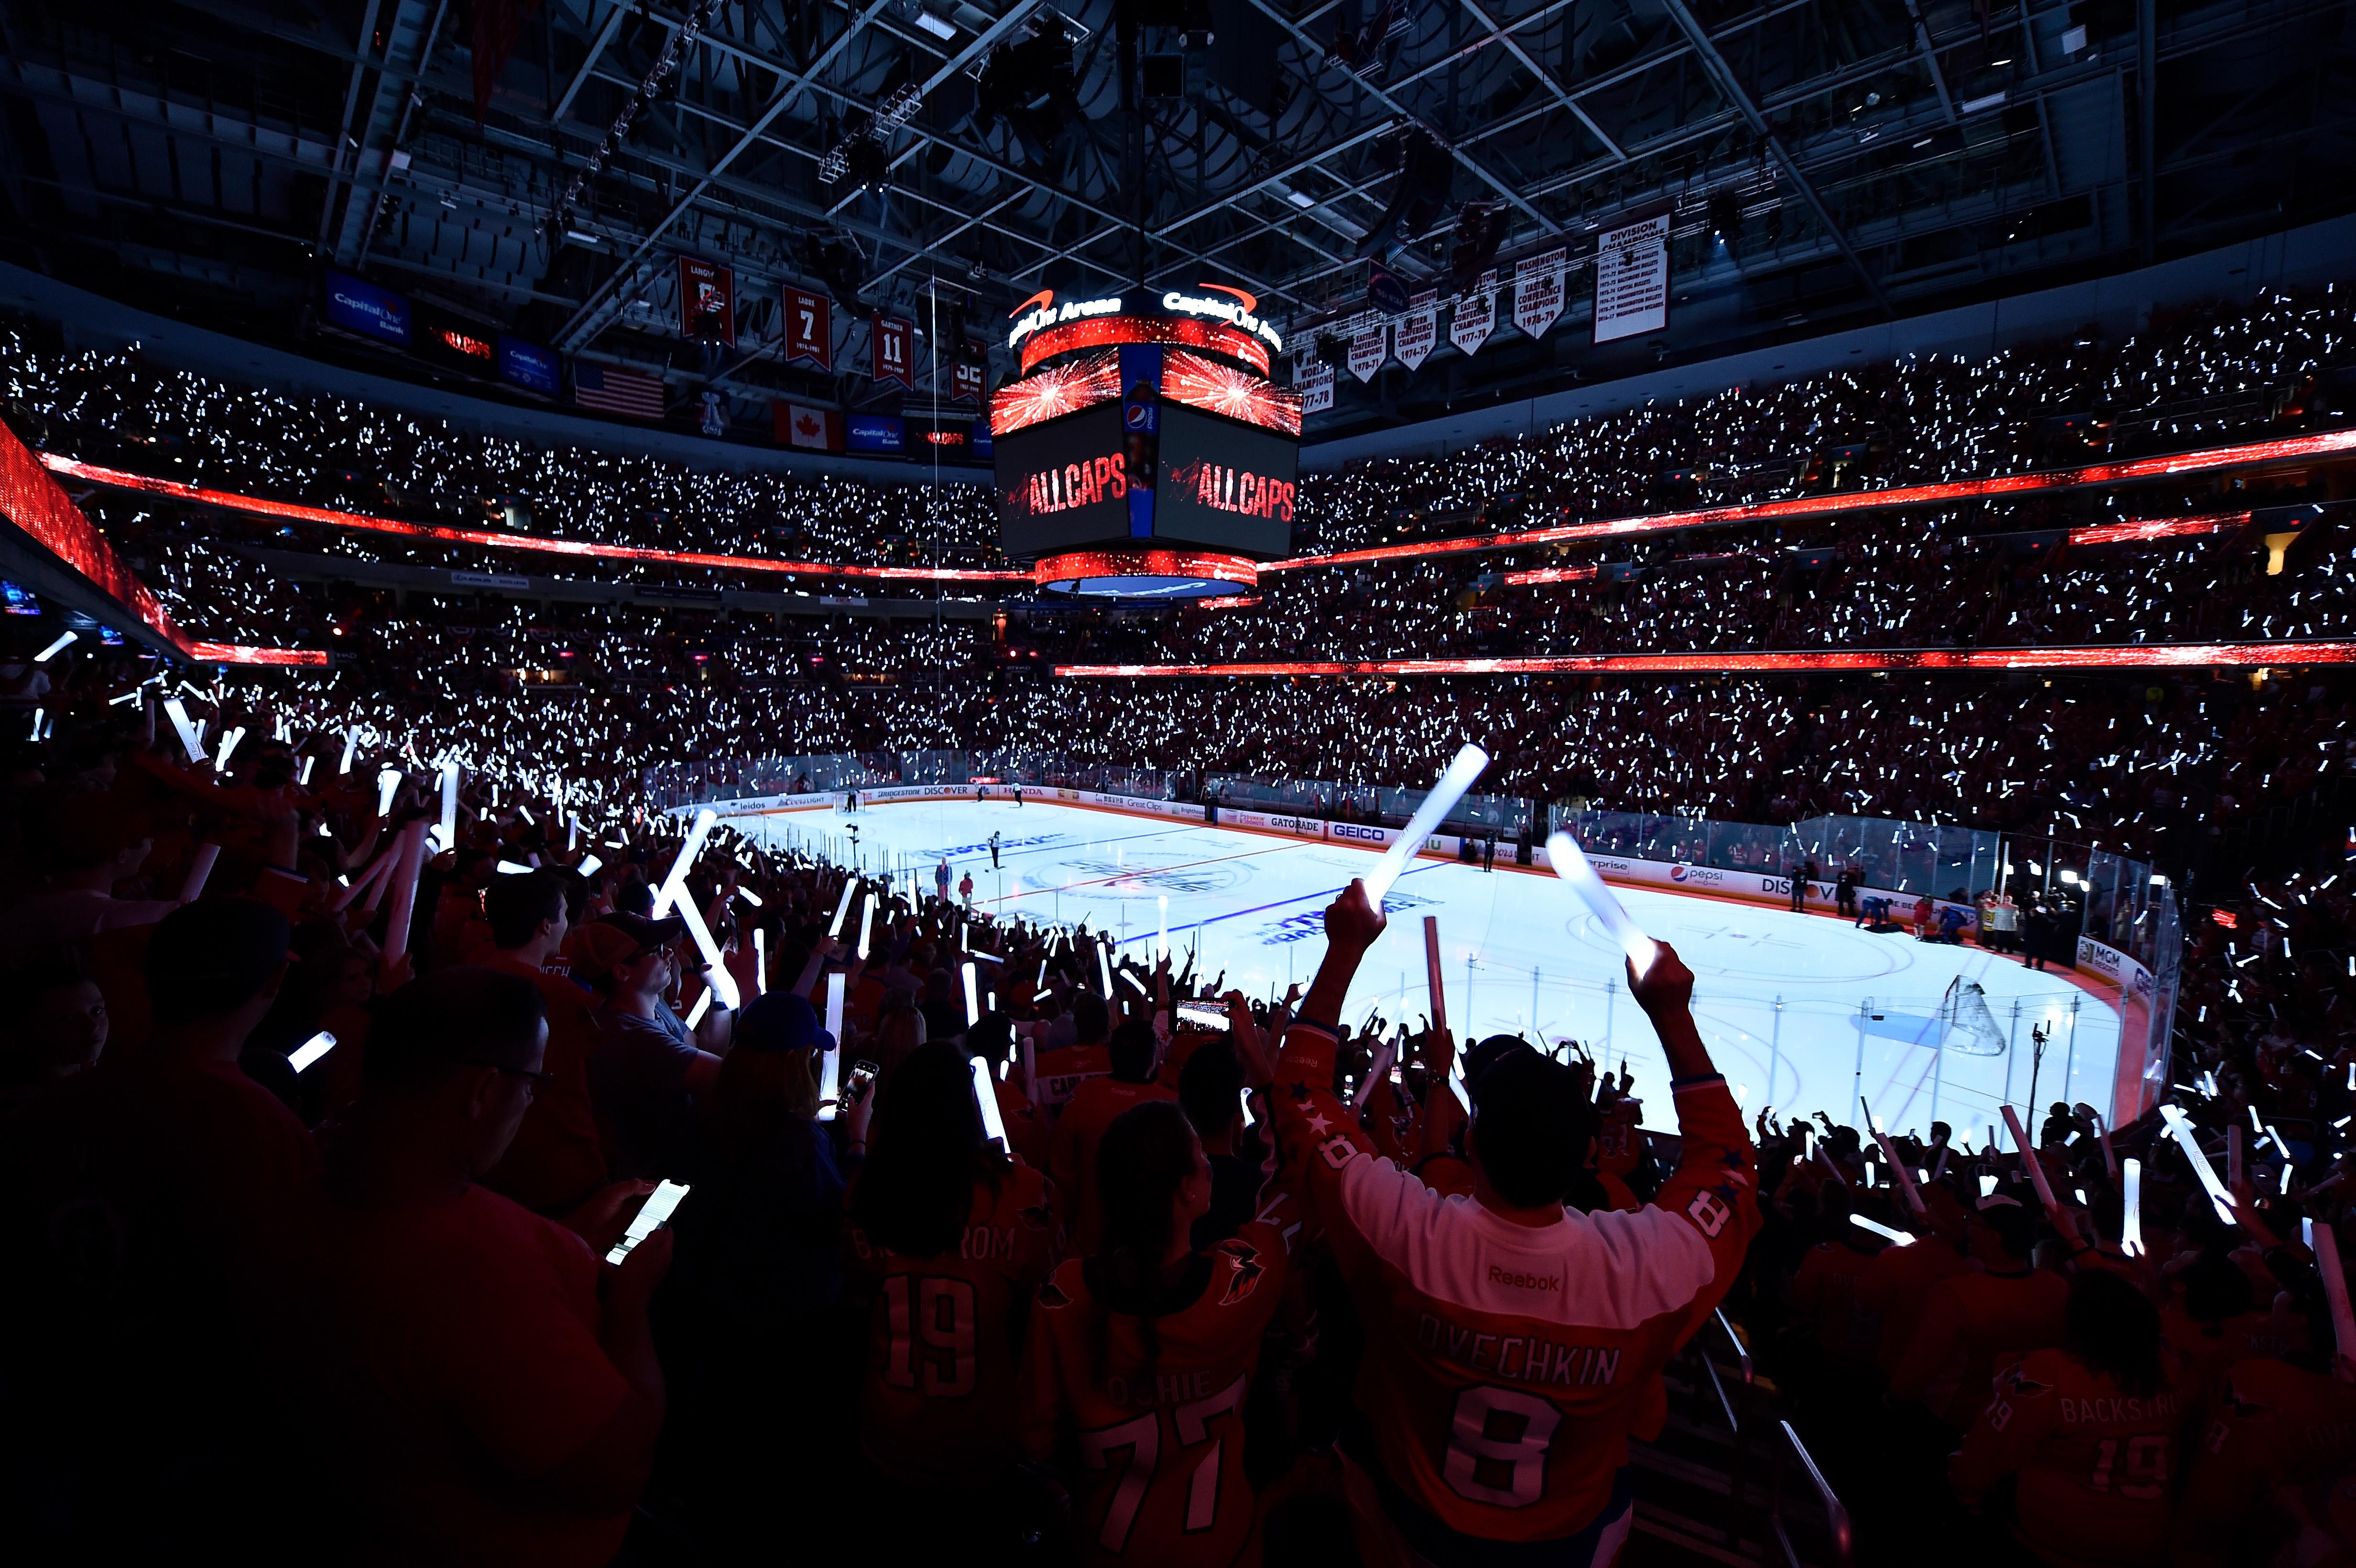 2018年6月4日,2018年NHL斯坦利杯季后赛,华盛顿首都队和拉斯维加斯金骑士队在斯坦利杯决赛第四场前的赛场全景。